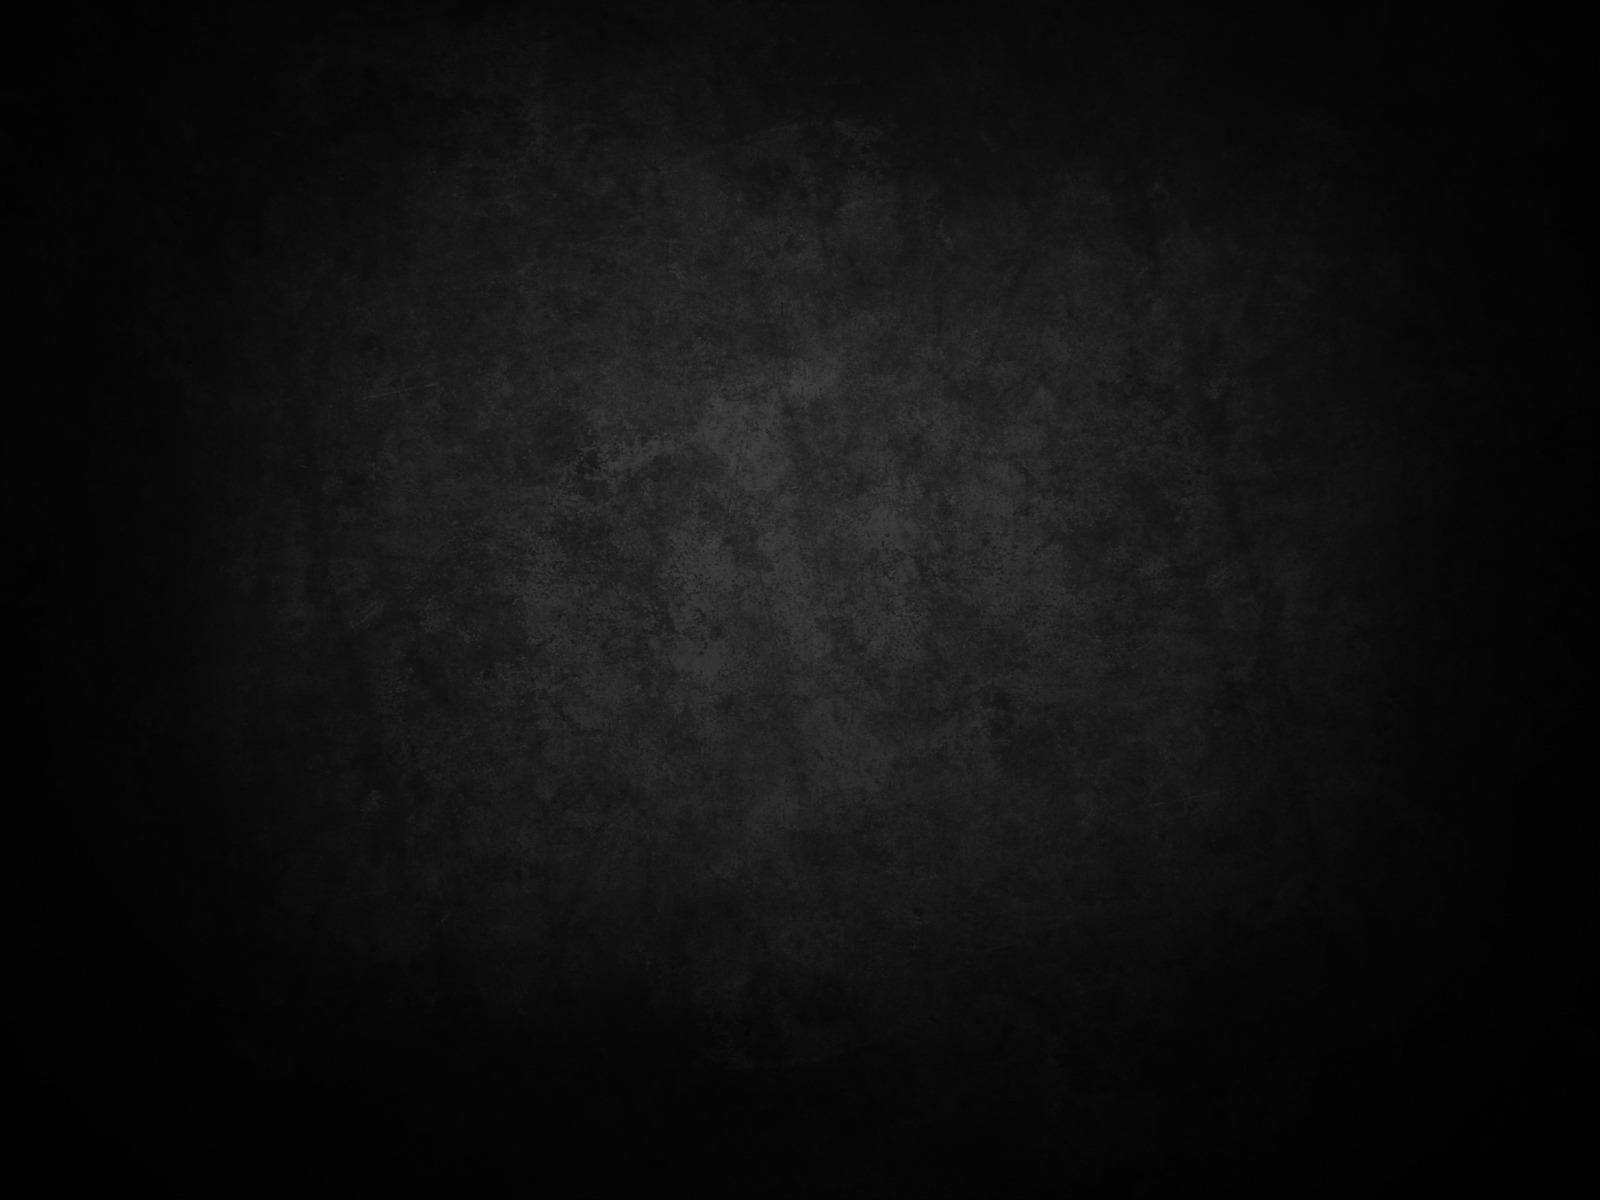 بالصور خلفيات اسود , اجدد الخلفيات السوداء للهواتف 191 7